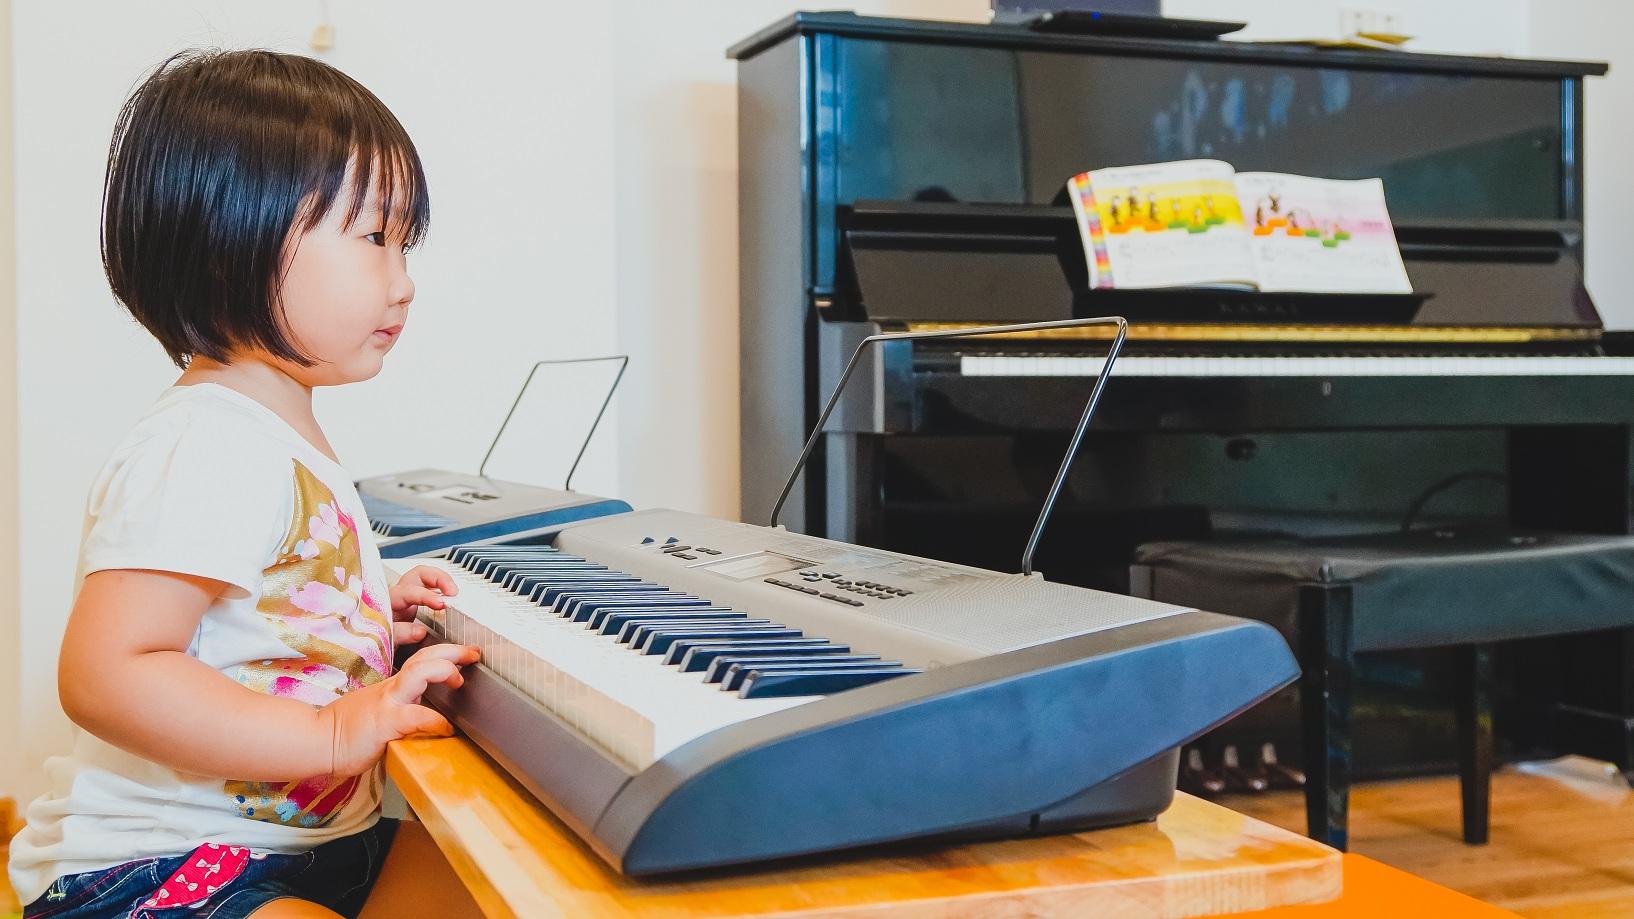 nhung-chu-y-khi-mua-dan-organ-cho-be-1-jpg.6910